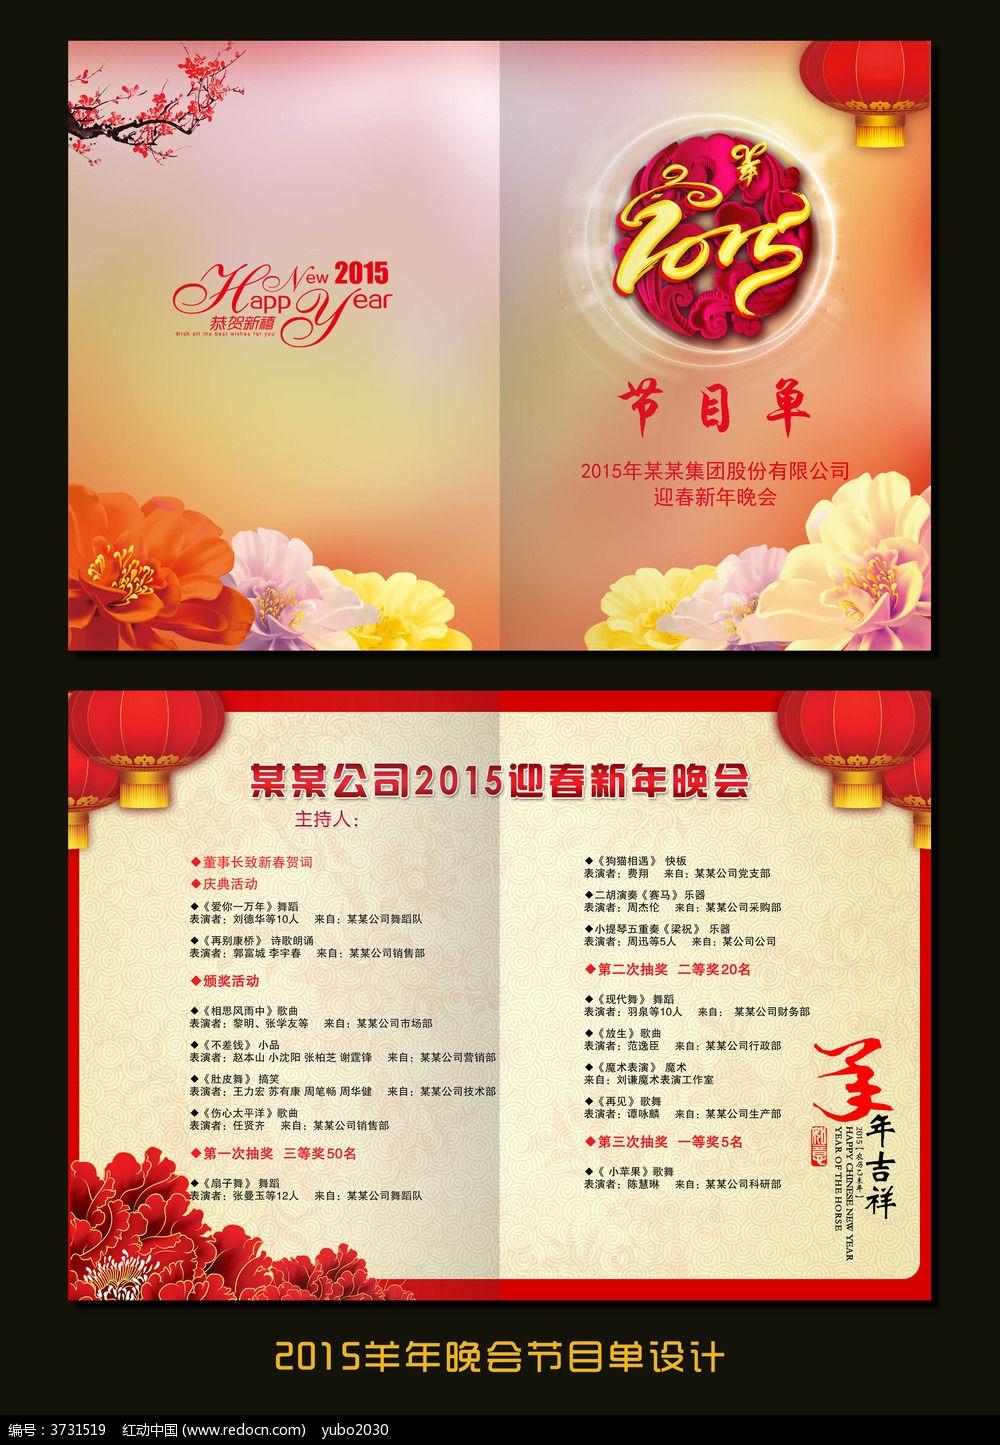 2015羊年春节晚会节目单设计